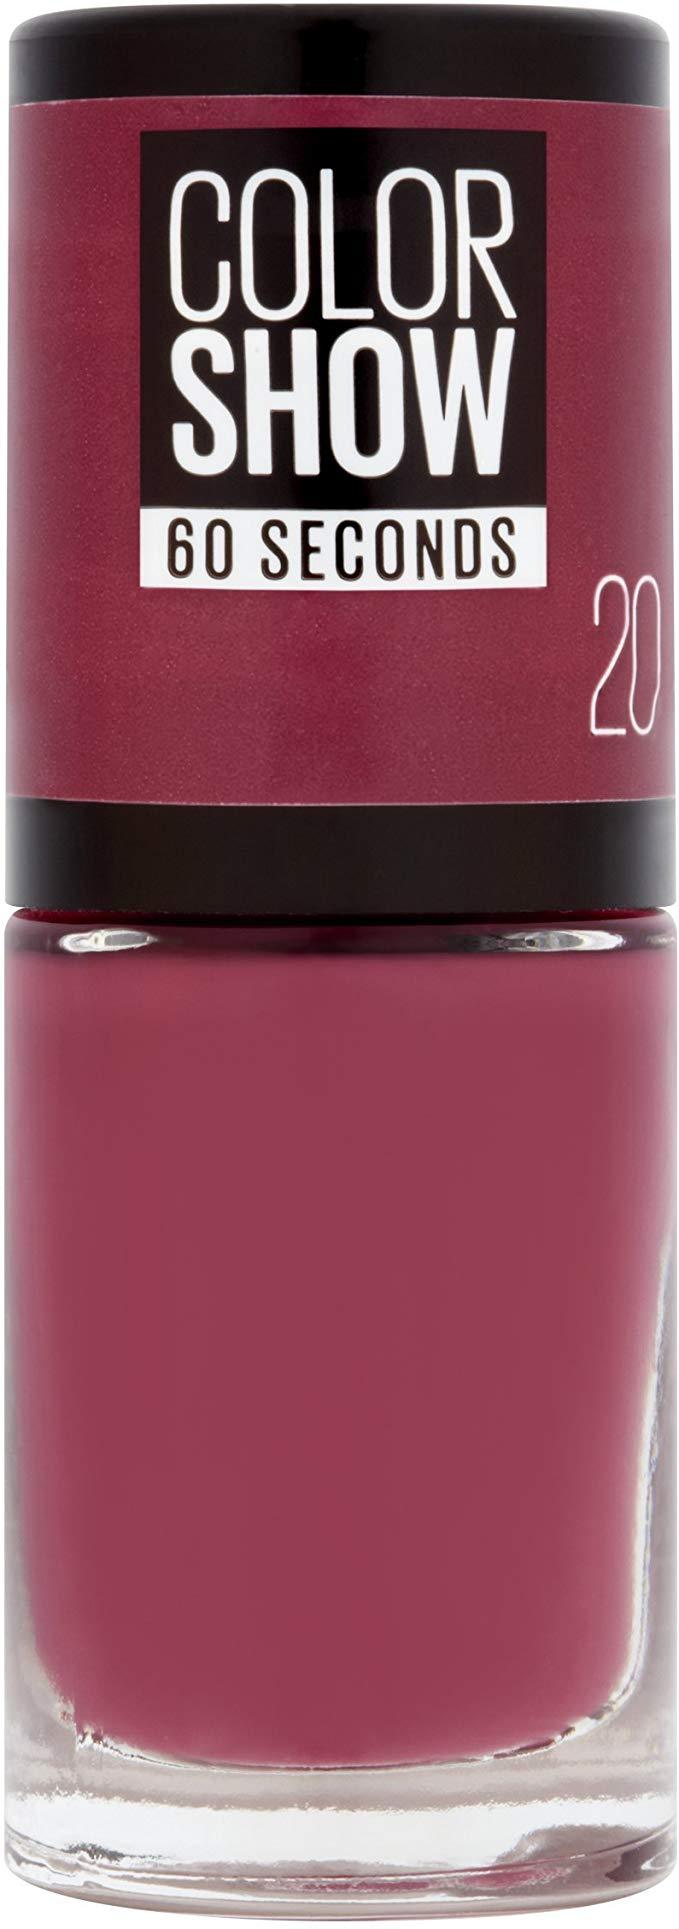 Maybelline - Vernis à ongles Colorshow (20) - Violet Bordeaux - 6,7ml